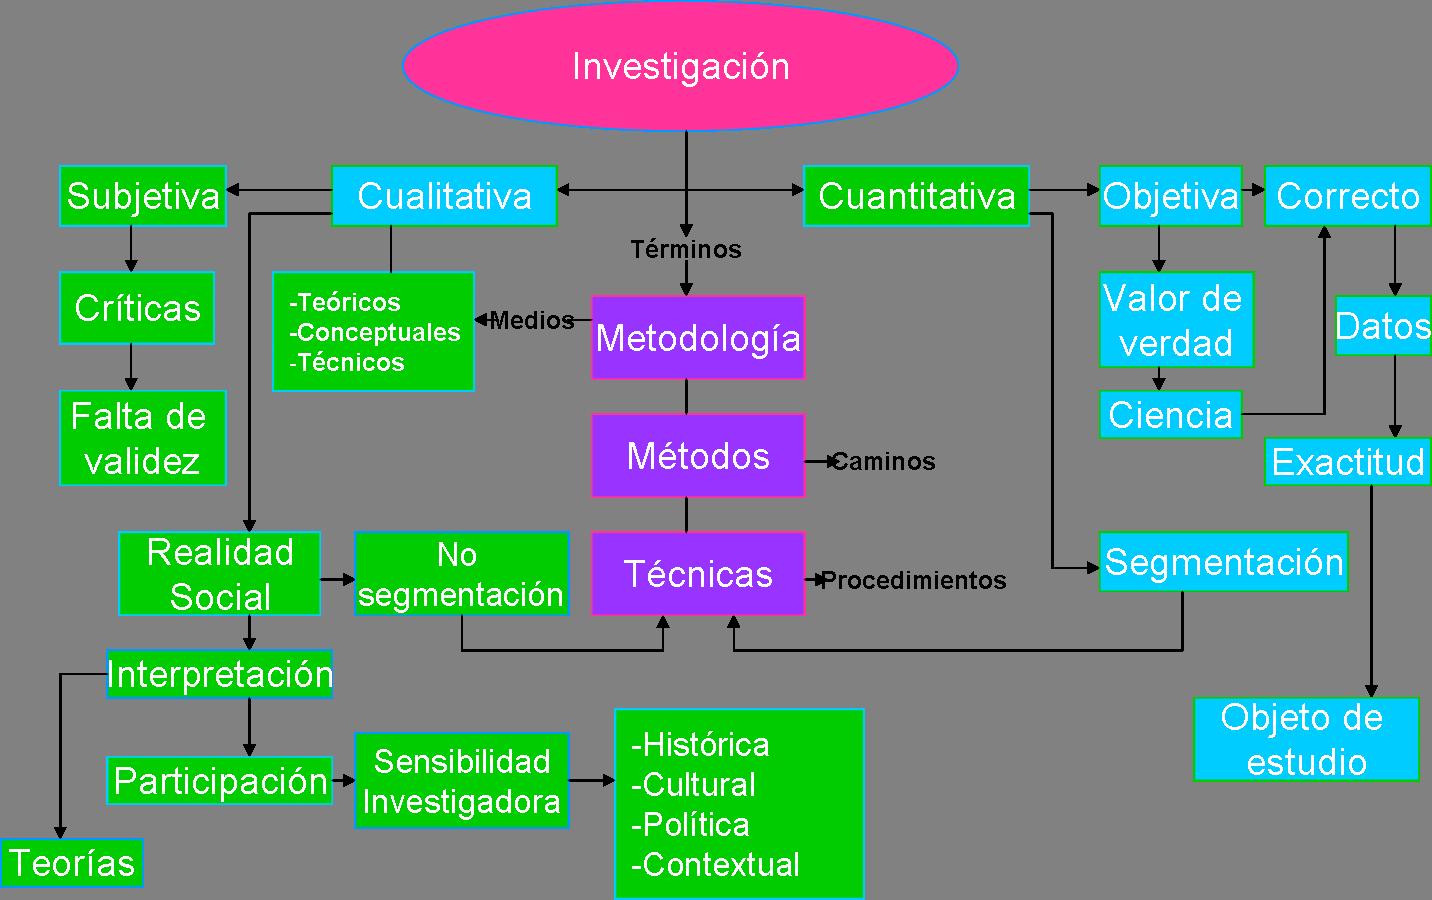 Cuadros Comparativos Sobre Cualitativo Y Cuantitativo Cuadro